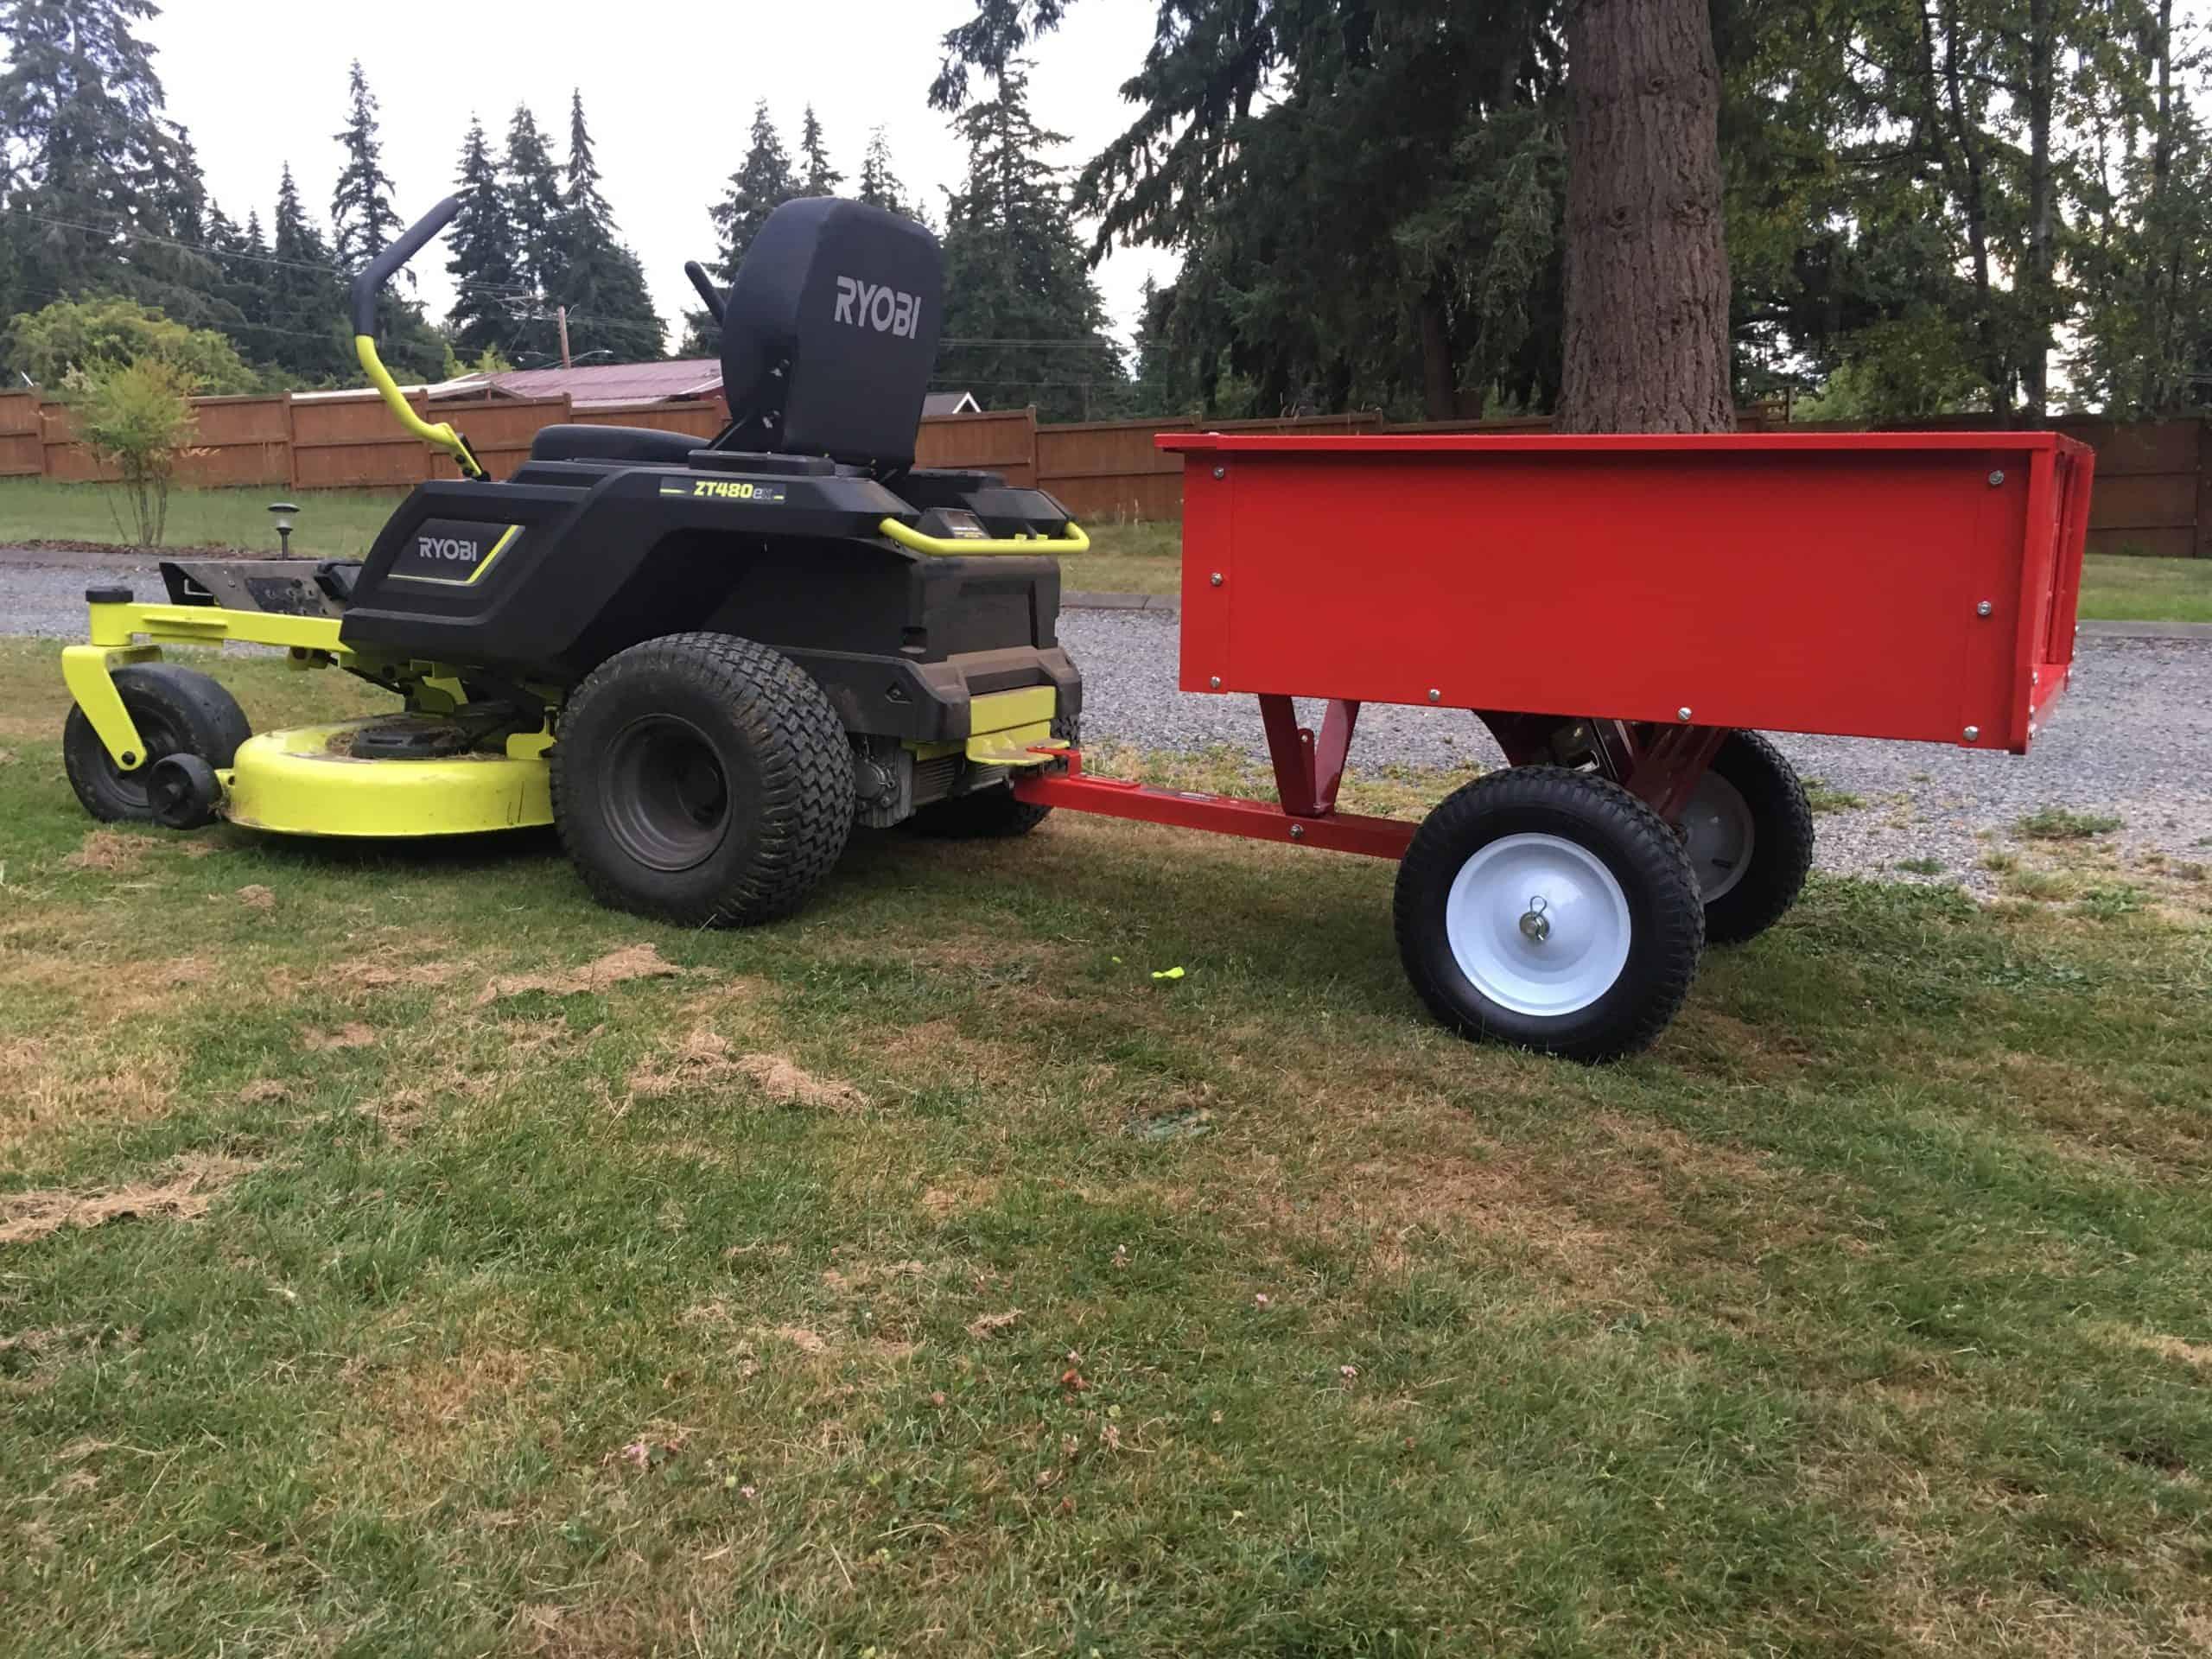 haulmaster-dump-cart-trailer-ryobi-zero-turn-mower